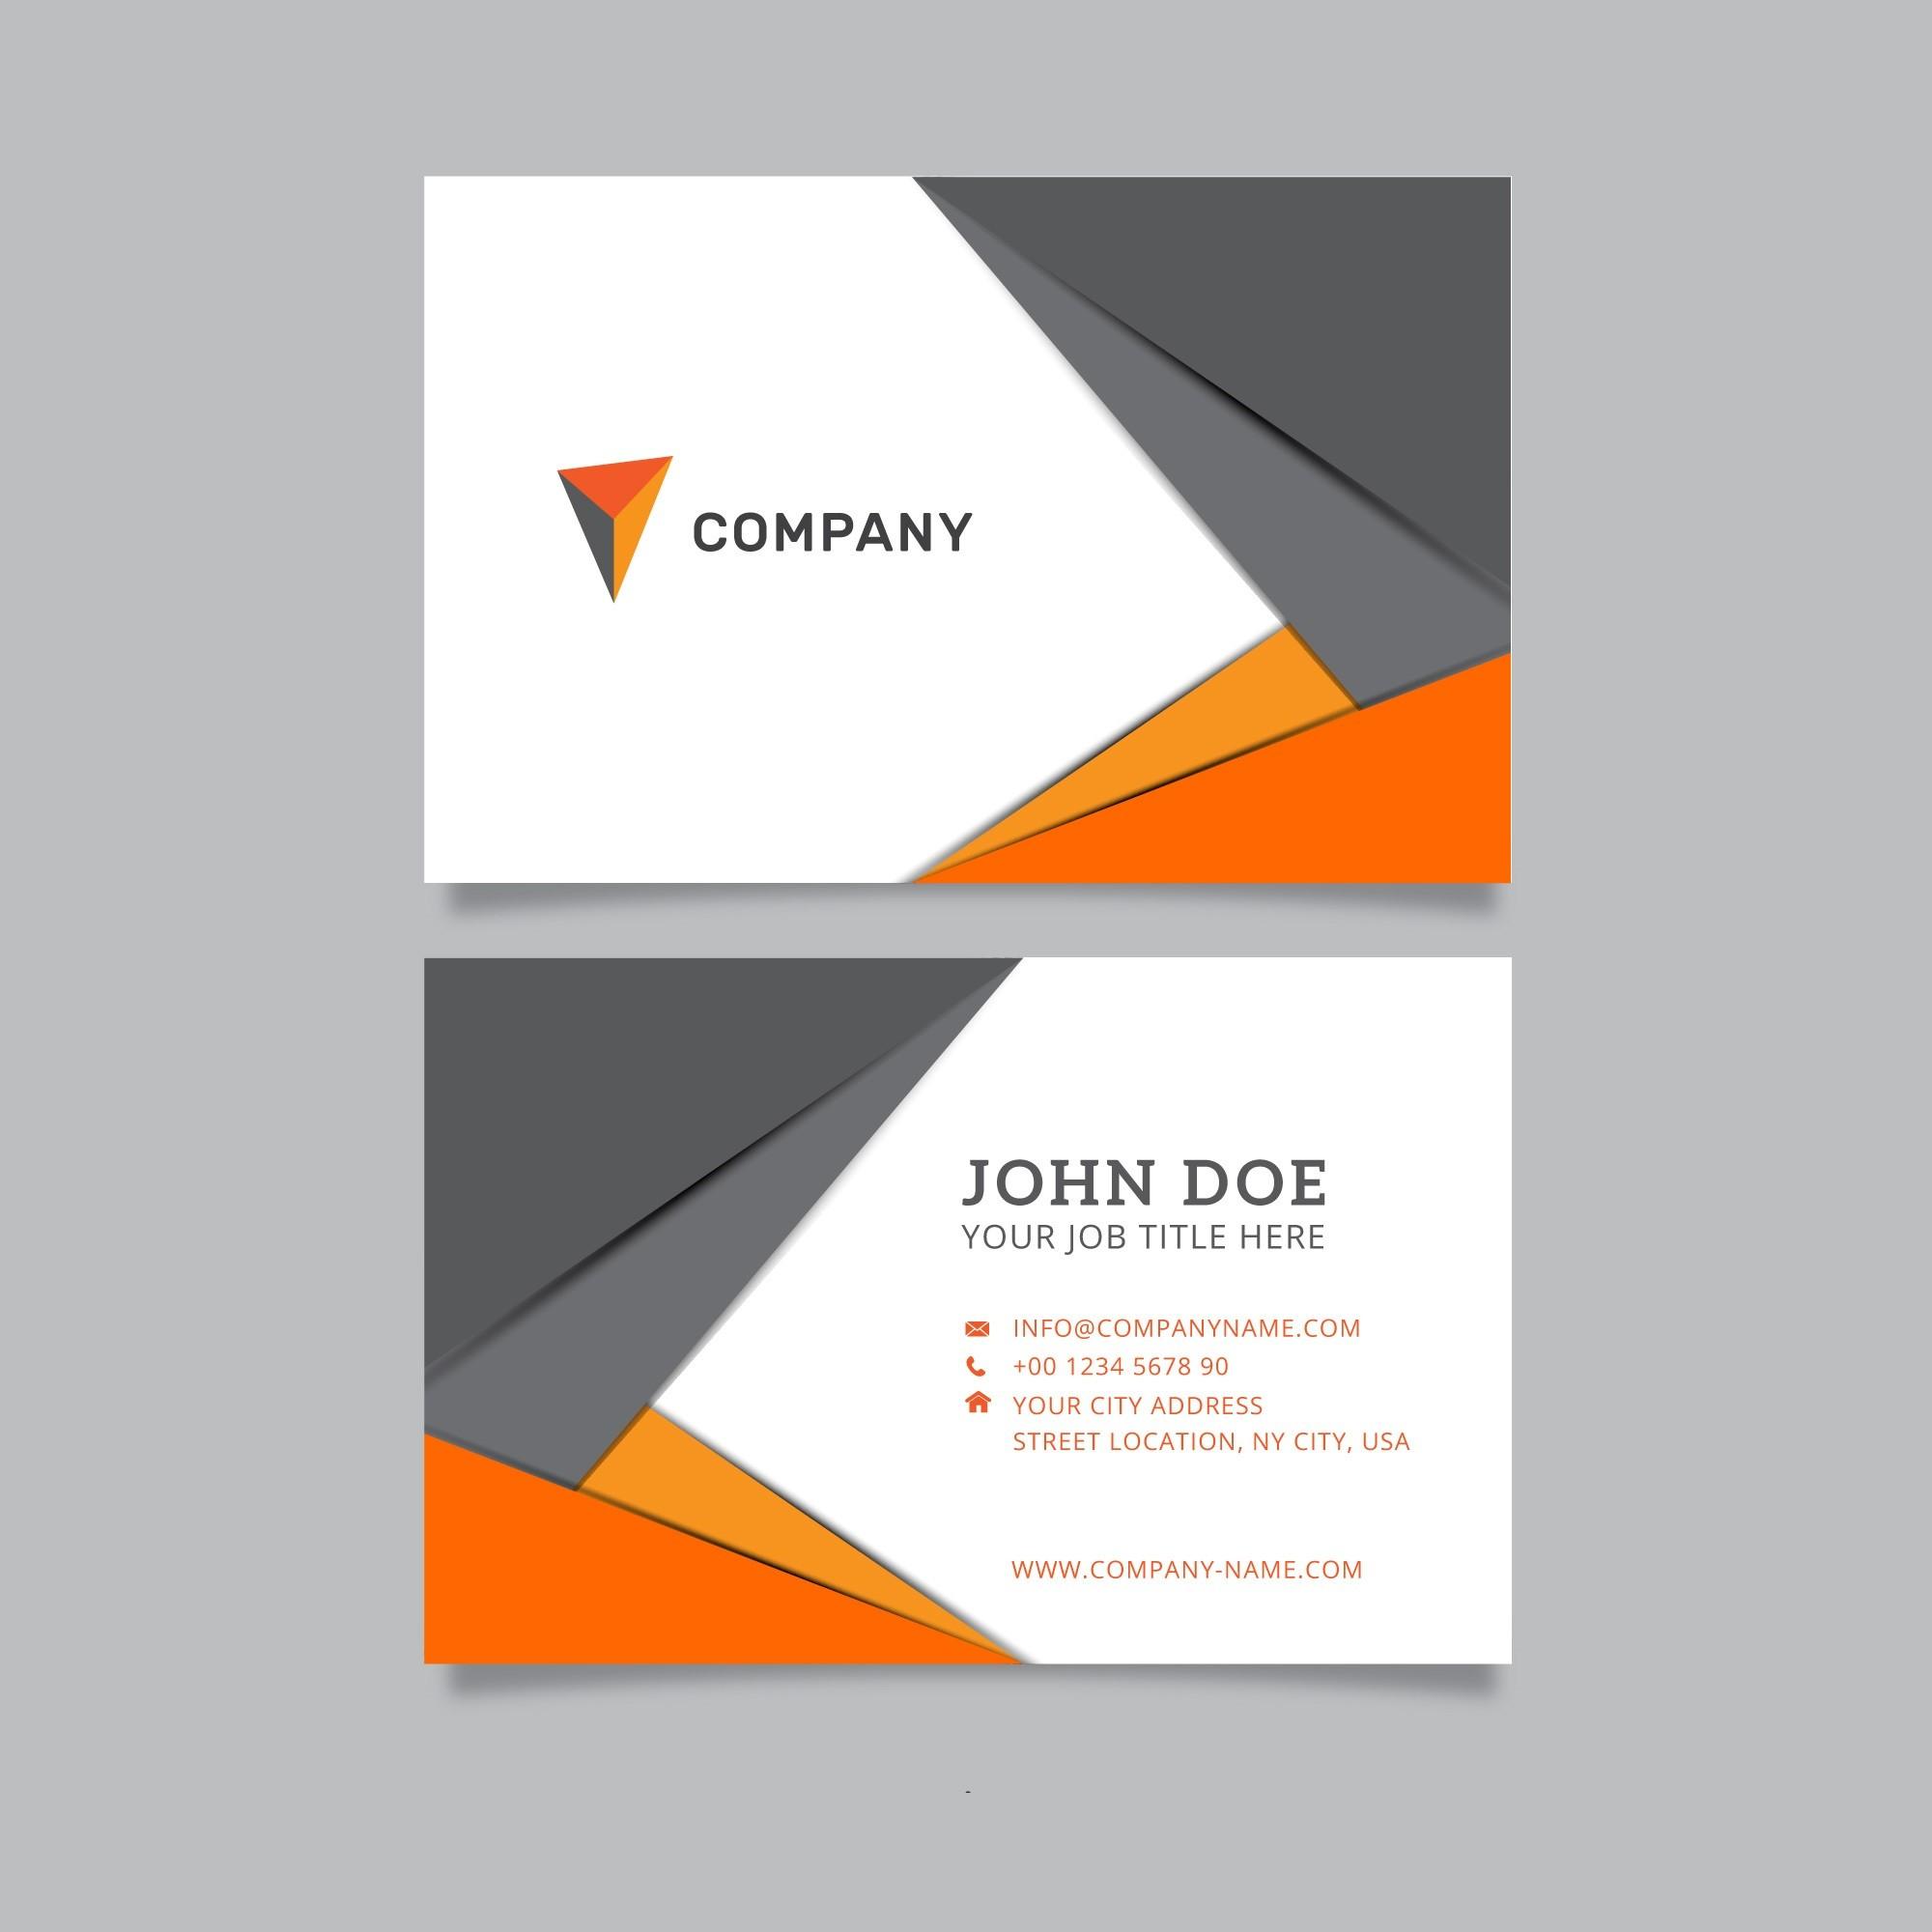 Plantillas de tarjetas personales (2) - Tarjetas Personales Delivery